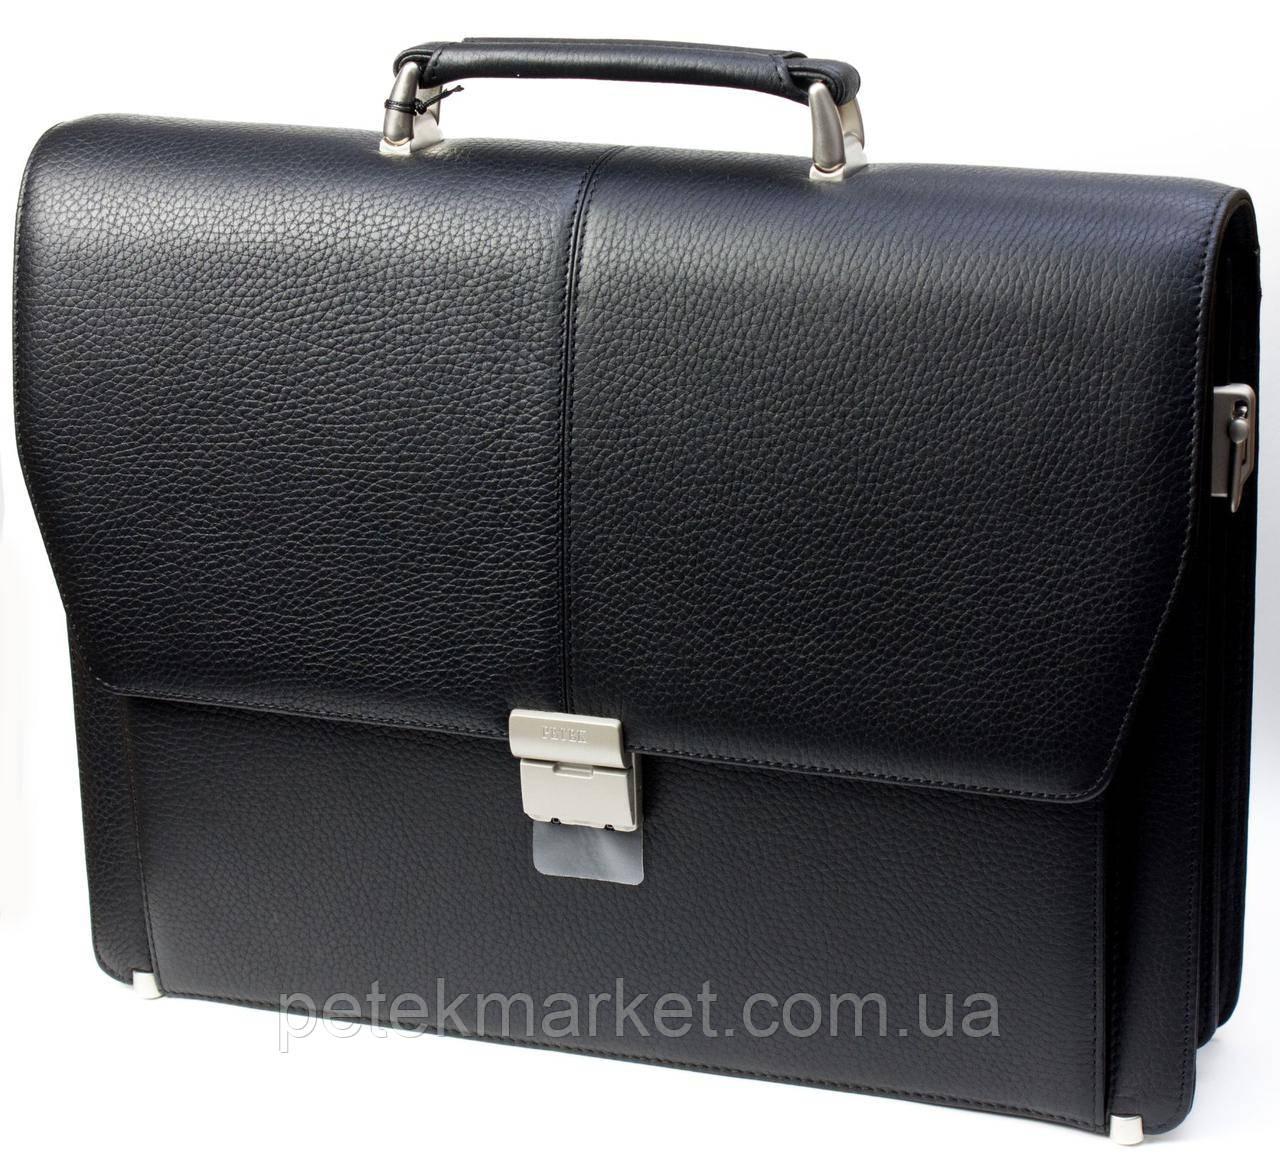 Портфель мужской Petek 799, Черный, Естественная фактура, Матовая